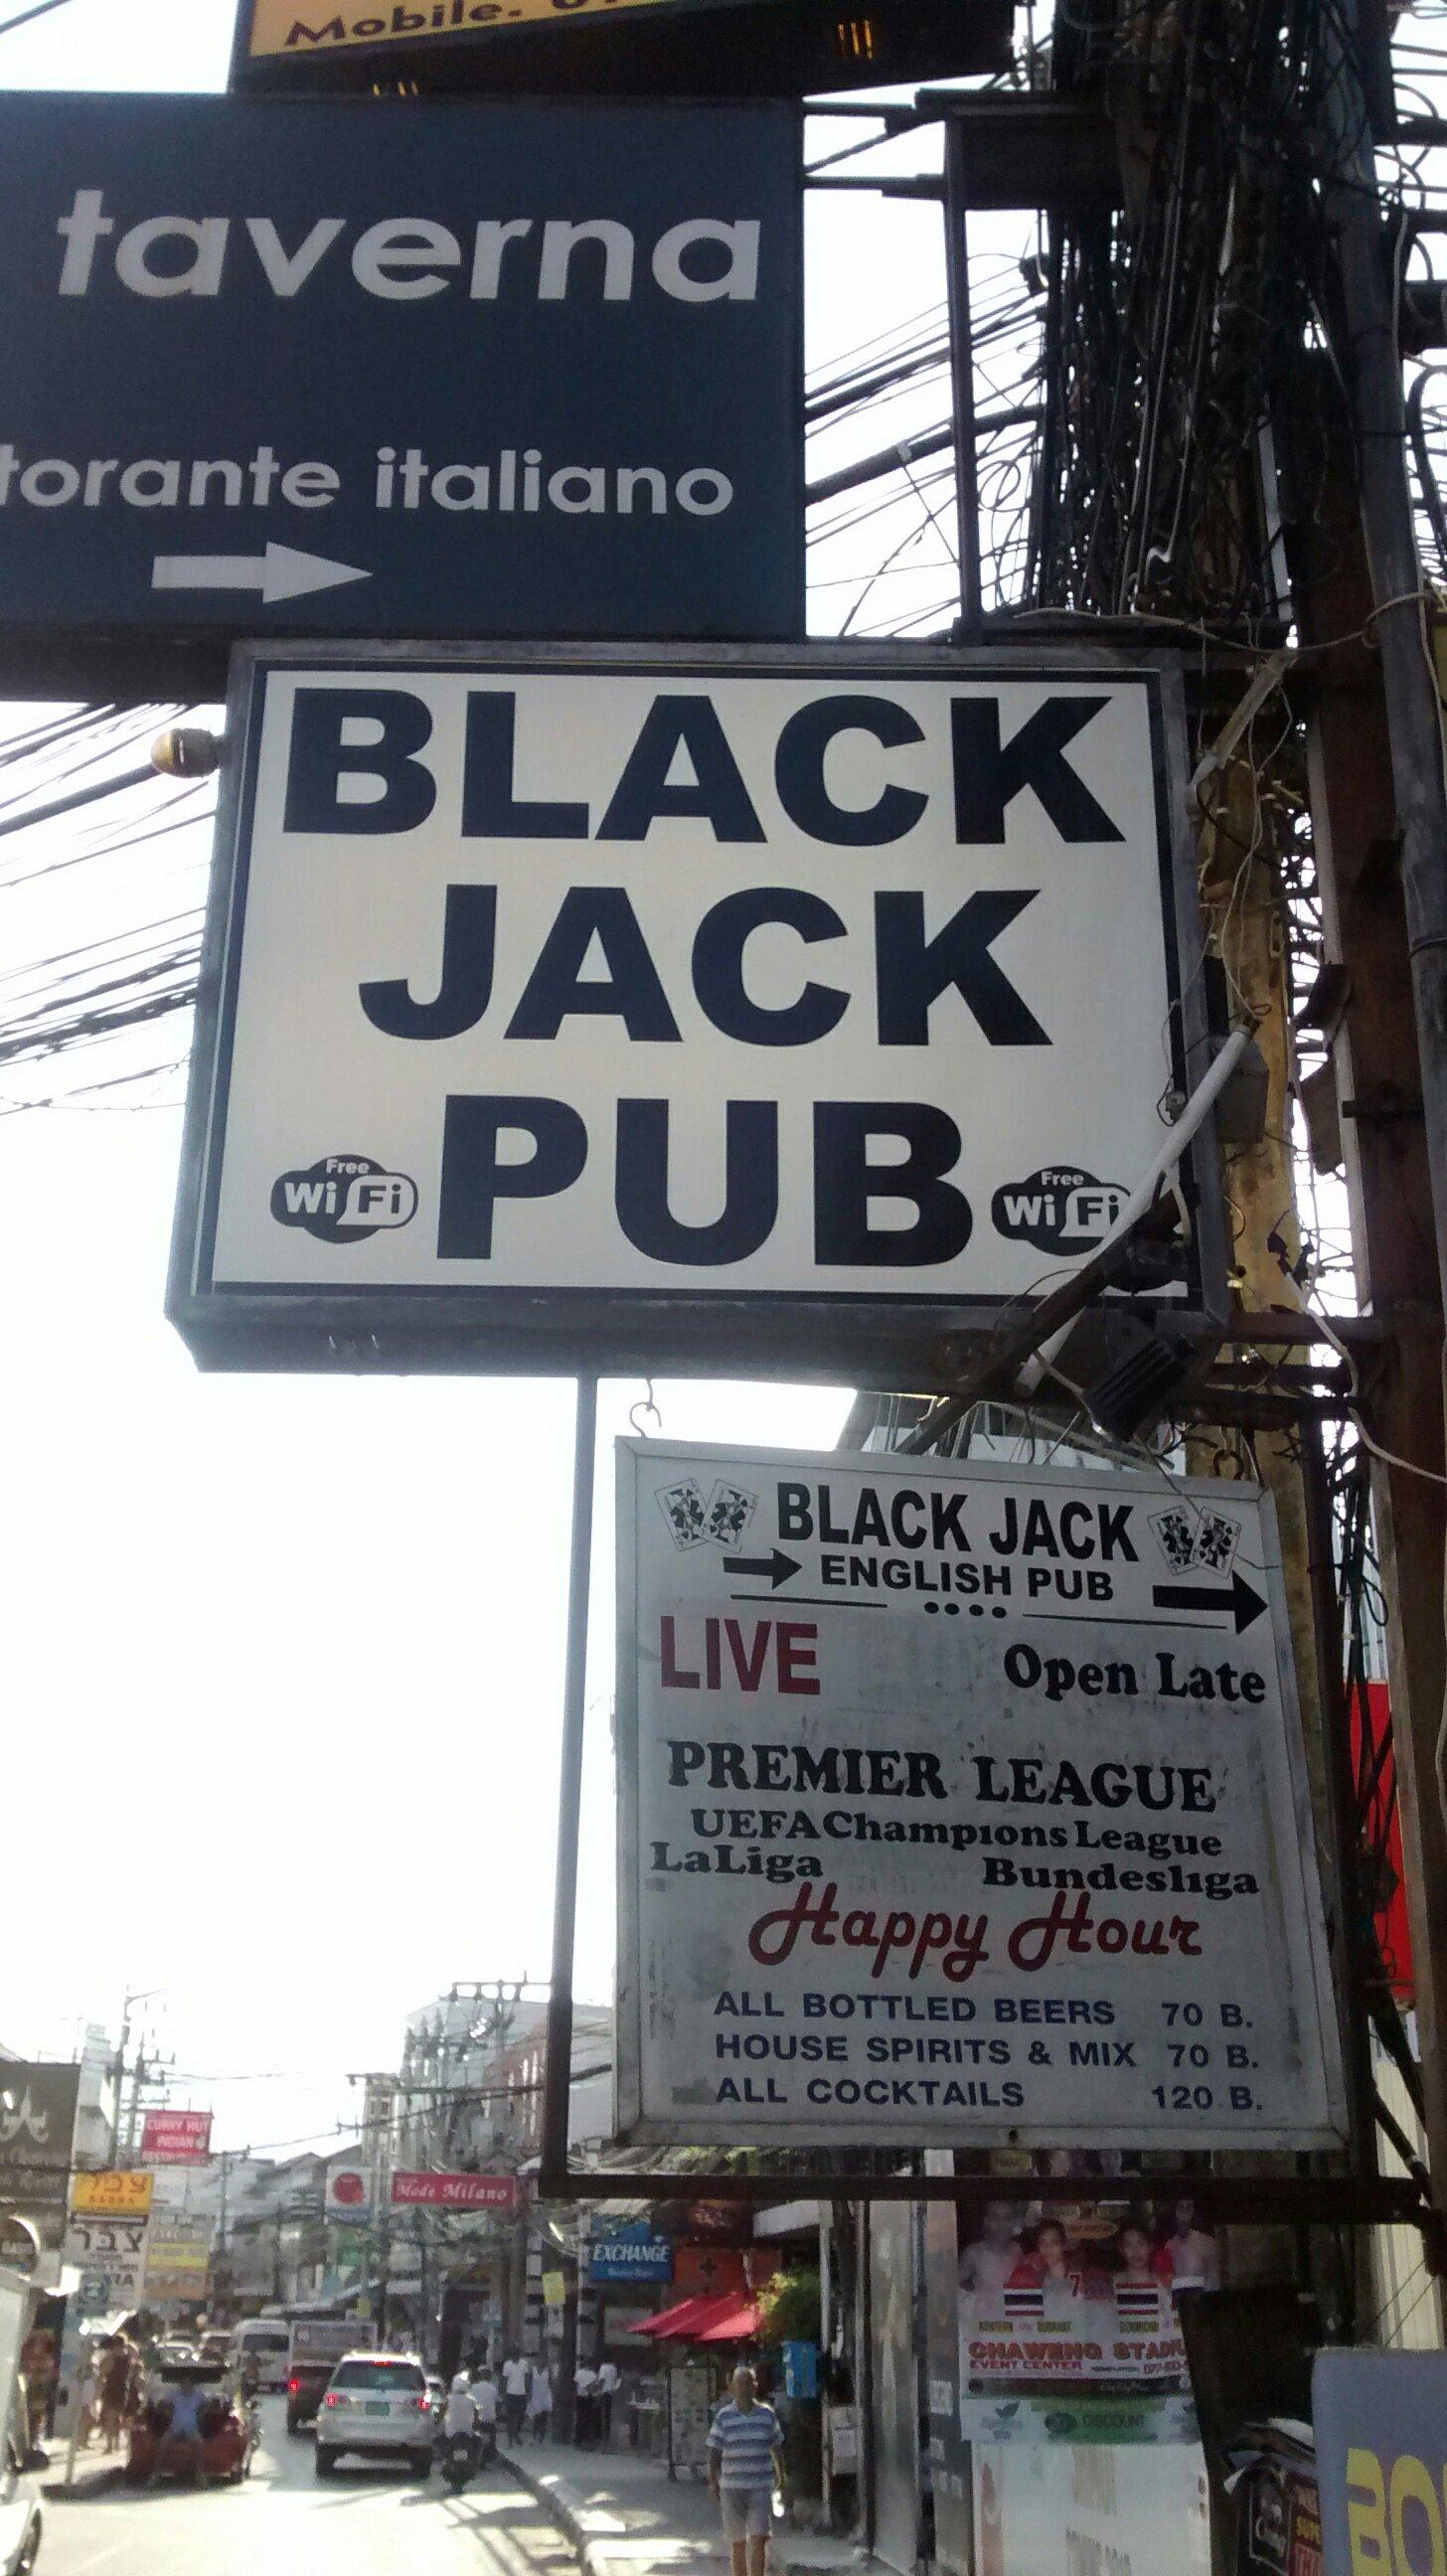 Black Jack pub picture